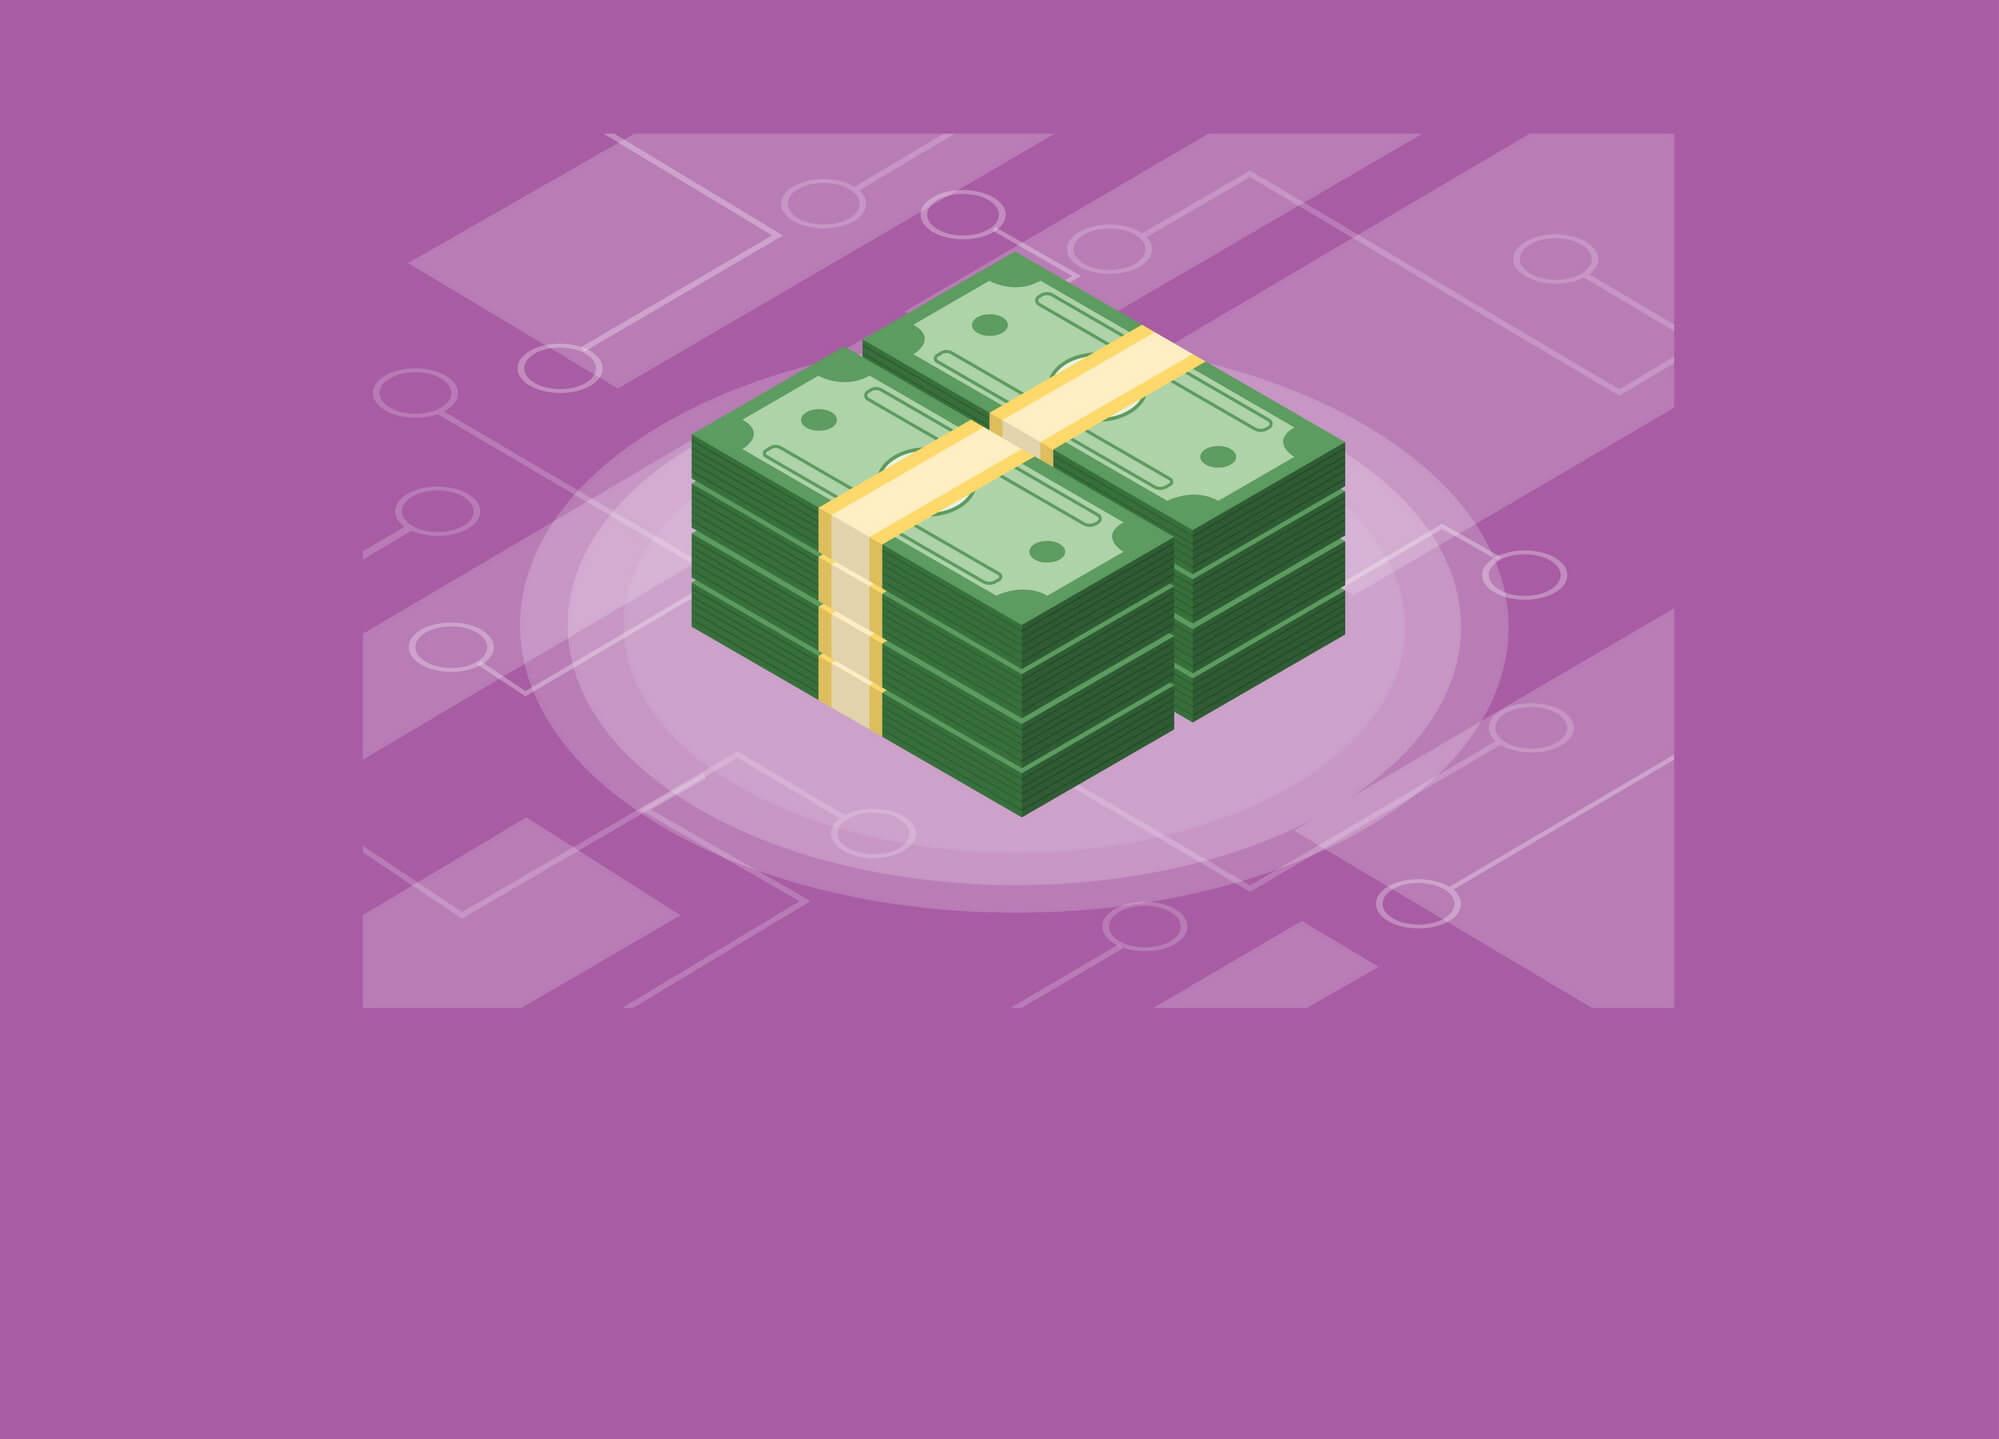 потребительский кредит в день обращения по паспорту без справок оставить заявку на кредит в сбербанке онлайн заявка на кредит